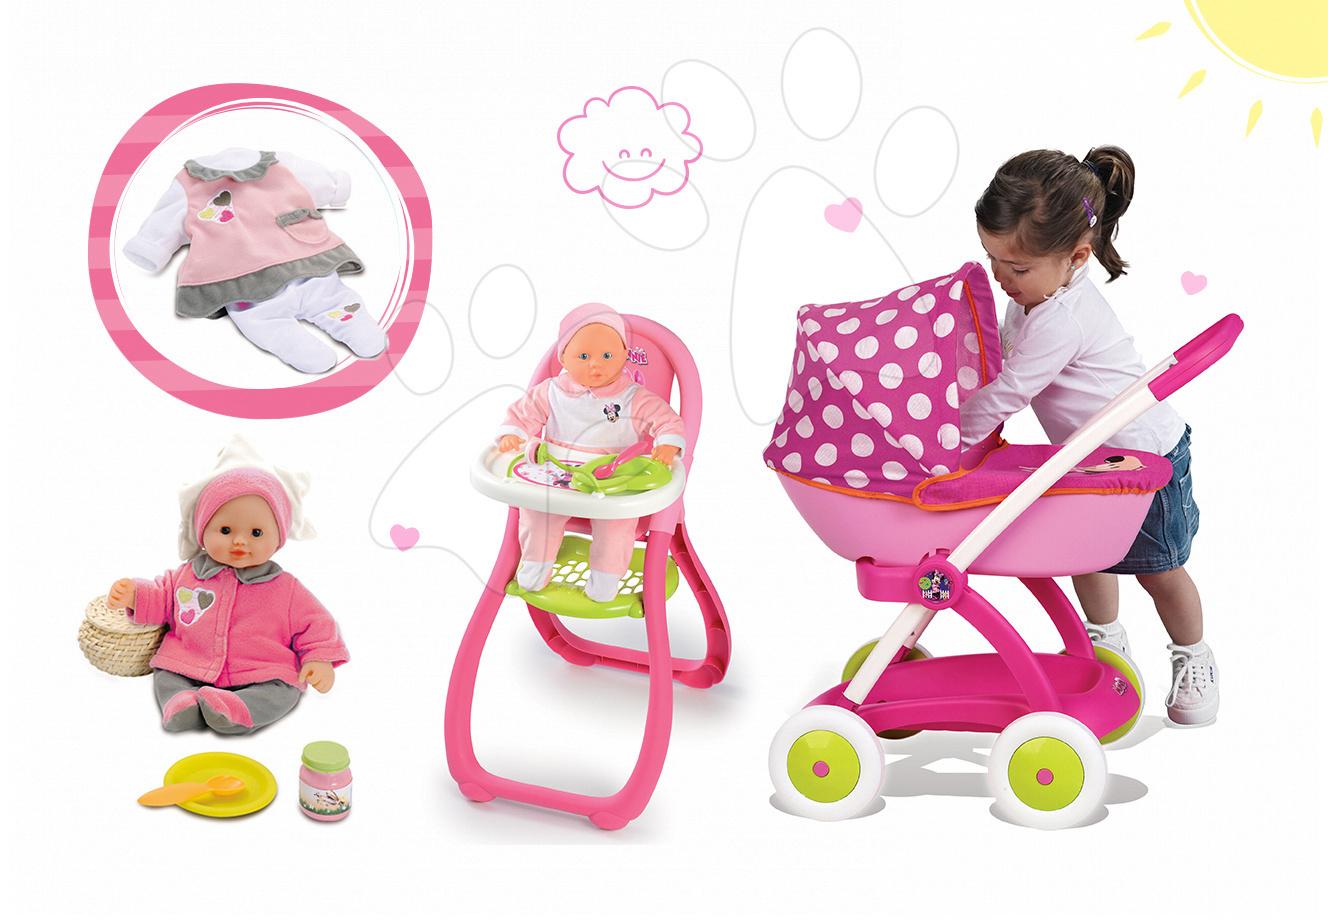 Set kočárek pro panenku Minnie Smoby hluboký, jídelní židle a panenka s šatičkami 32 cm od 18 měsíců